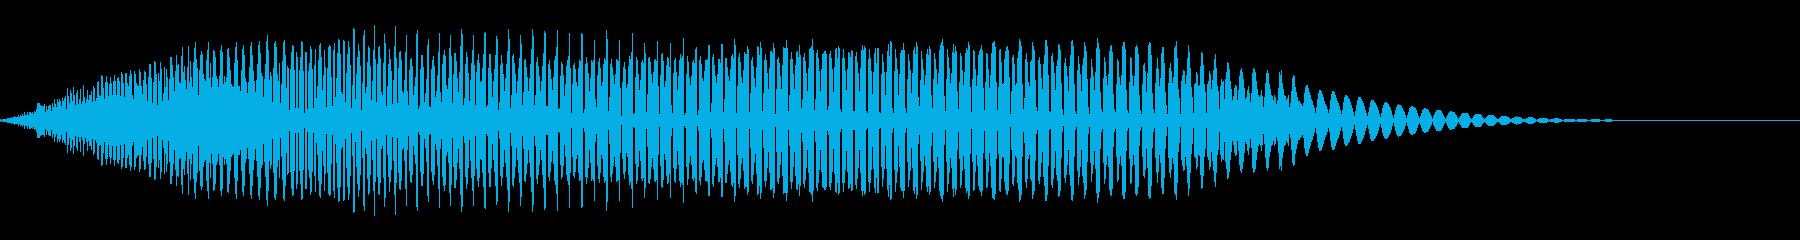 ブーン…(ワープ/転送装置/SF)の再生済みの波形